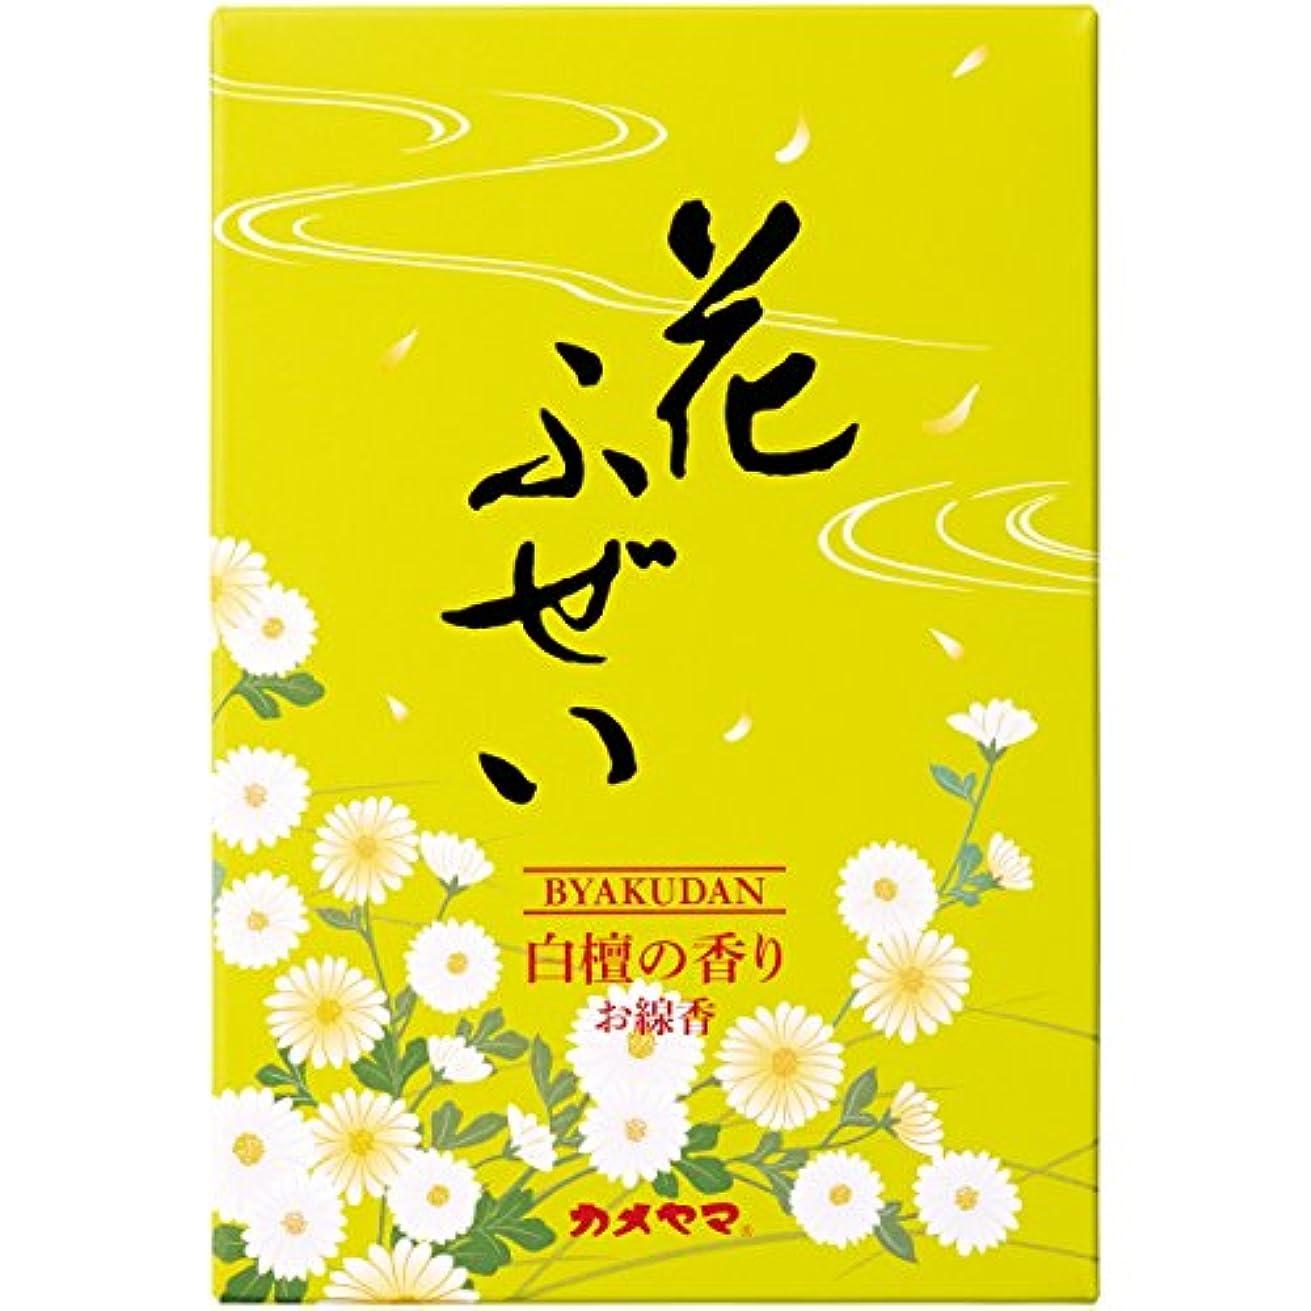 遷移適合するピカリングカメヤマ 花ふぜい(黄)白檀 徳用大型